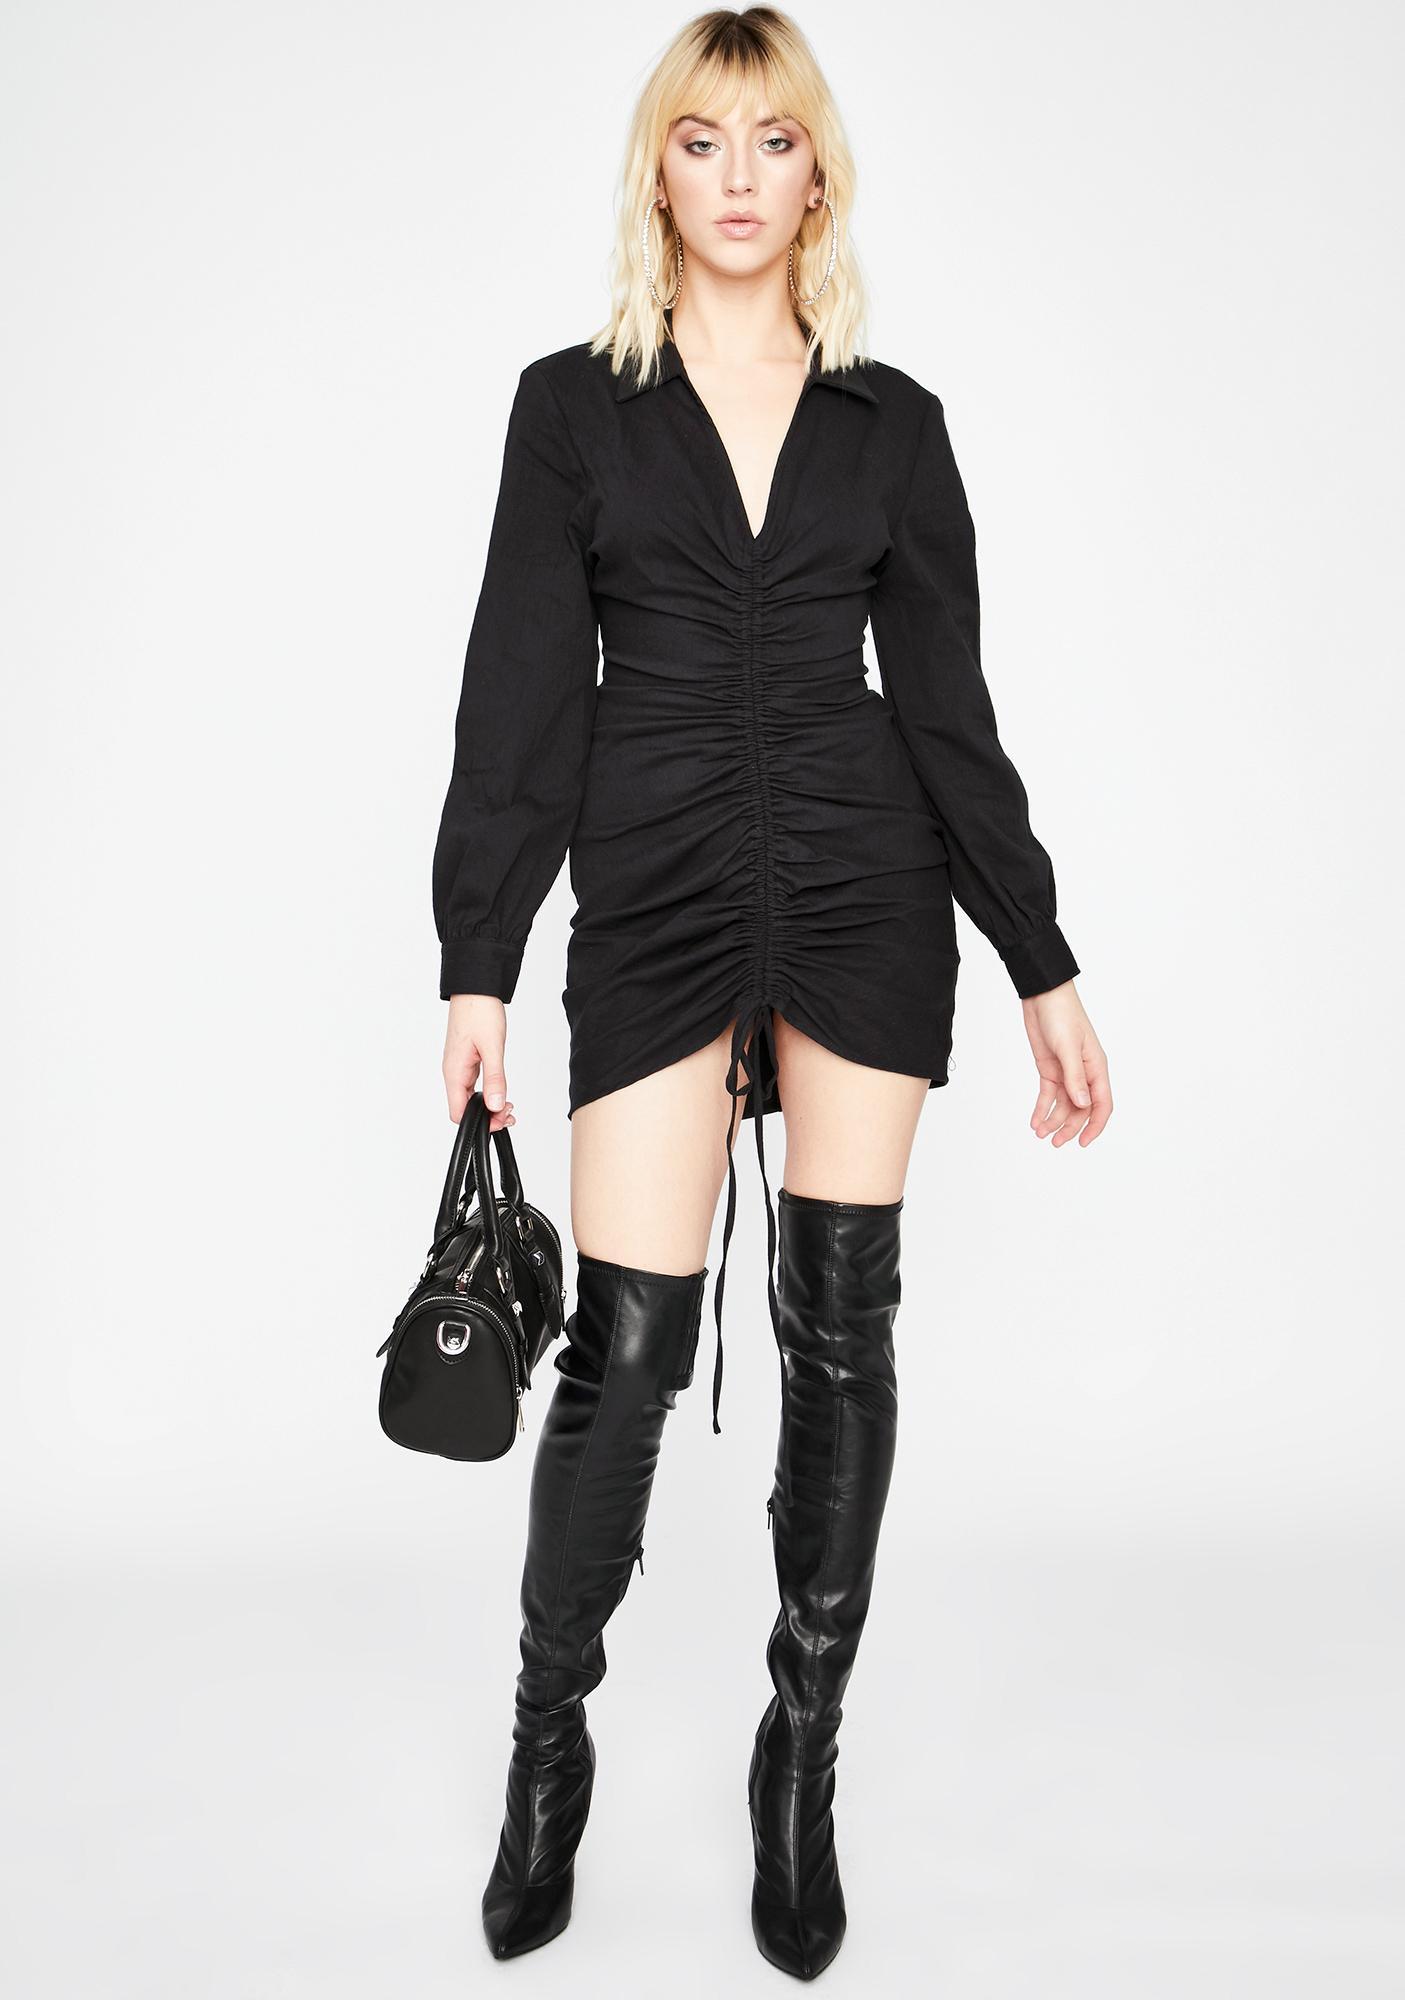 Sinnin' Big Boss Lady Mini Dress